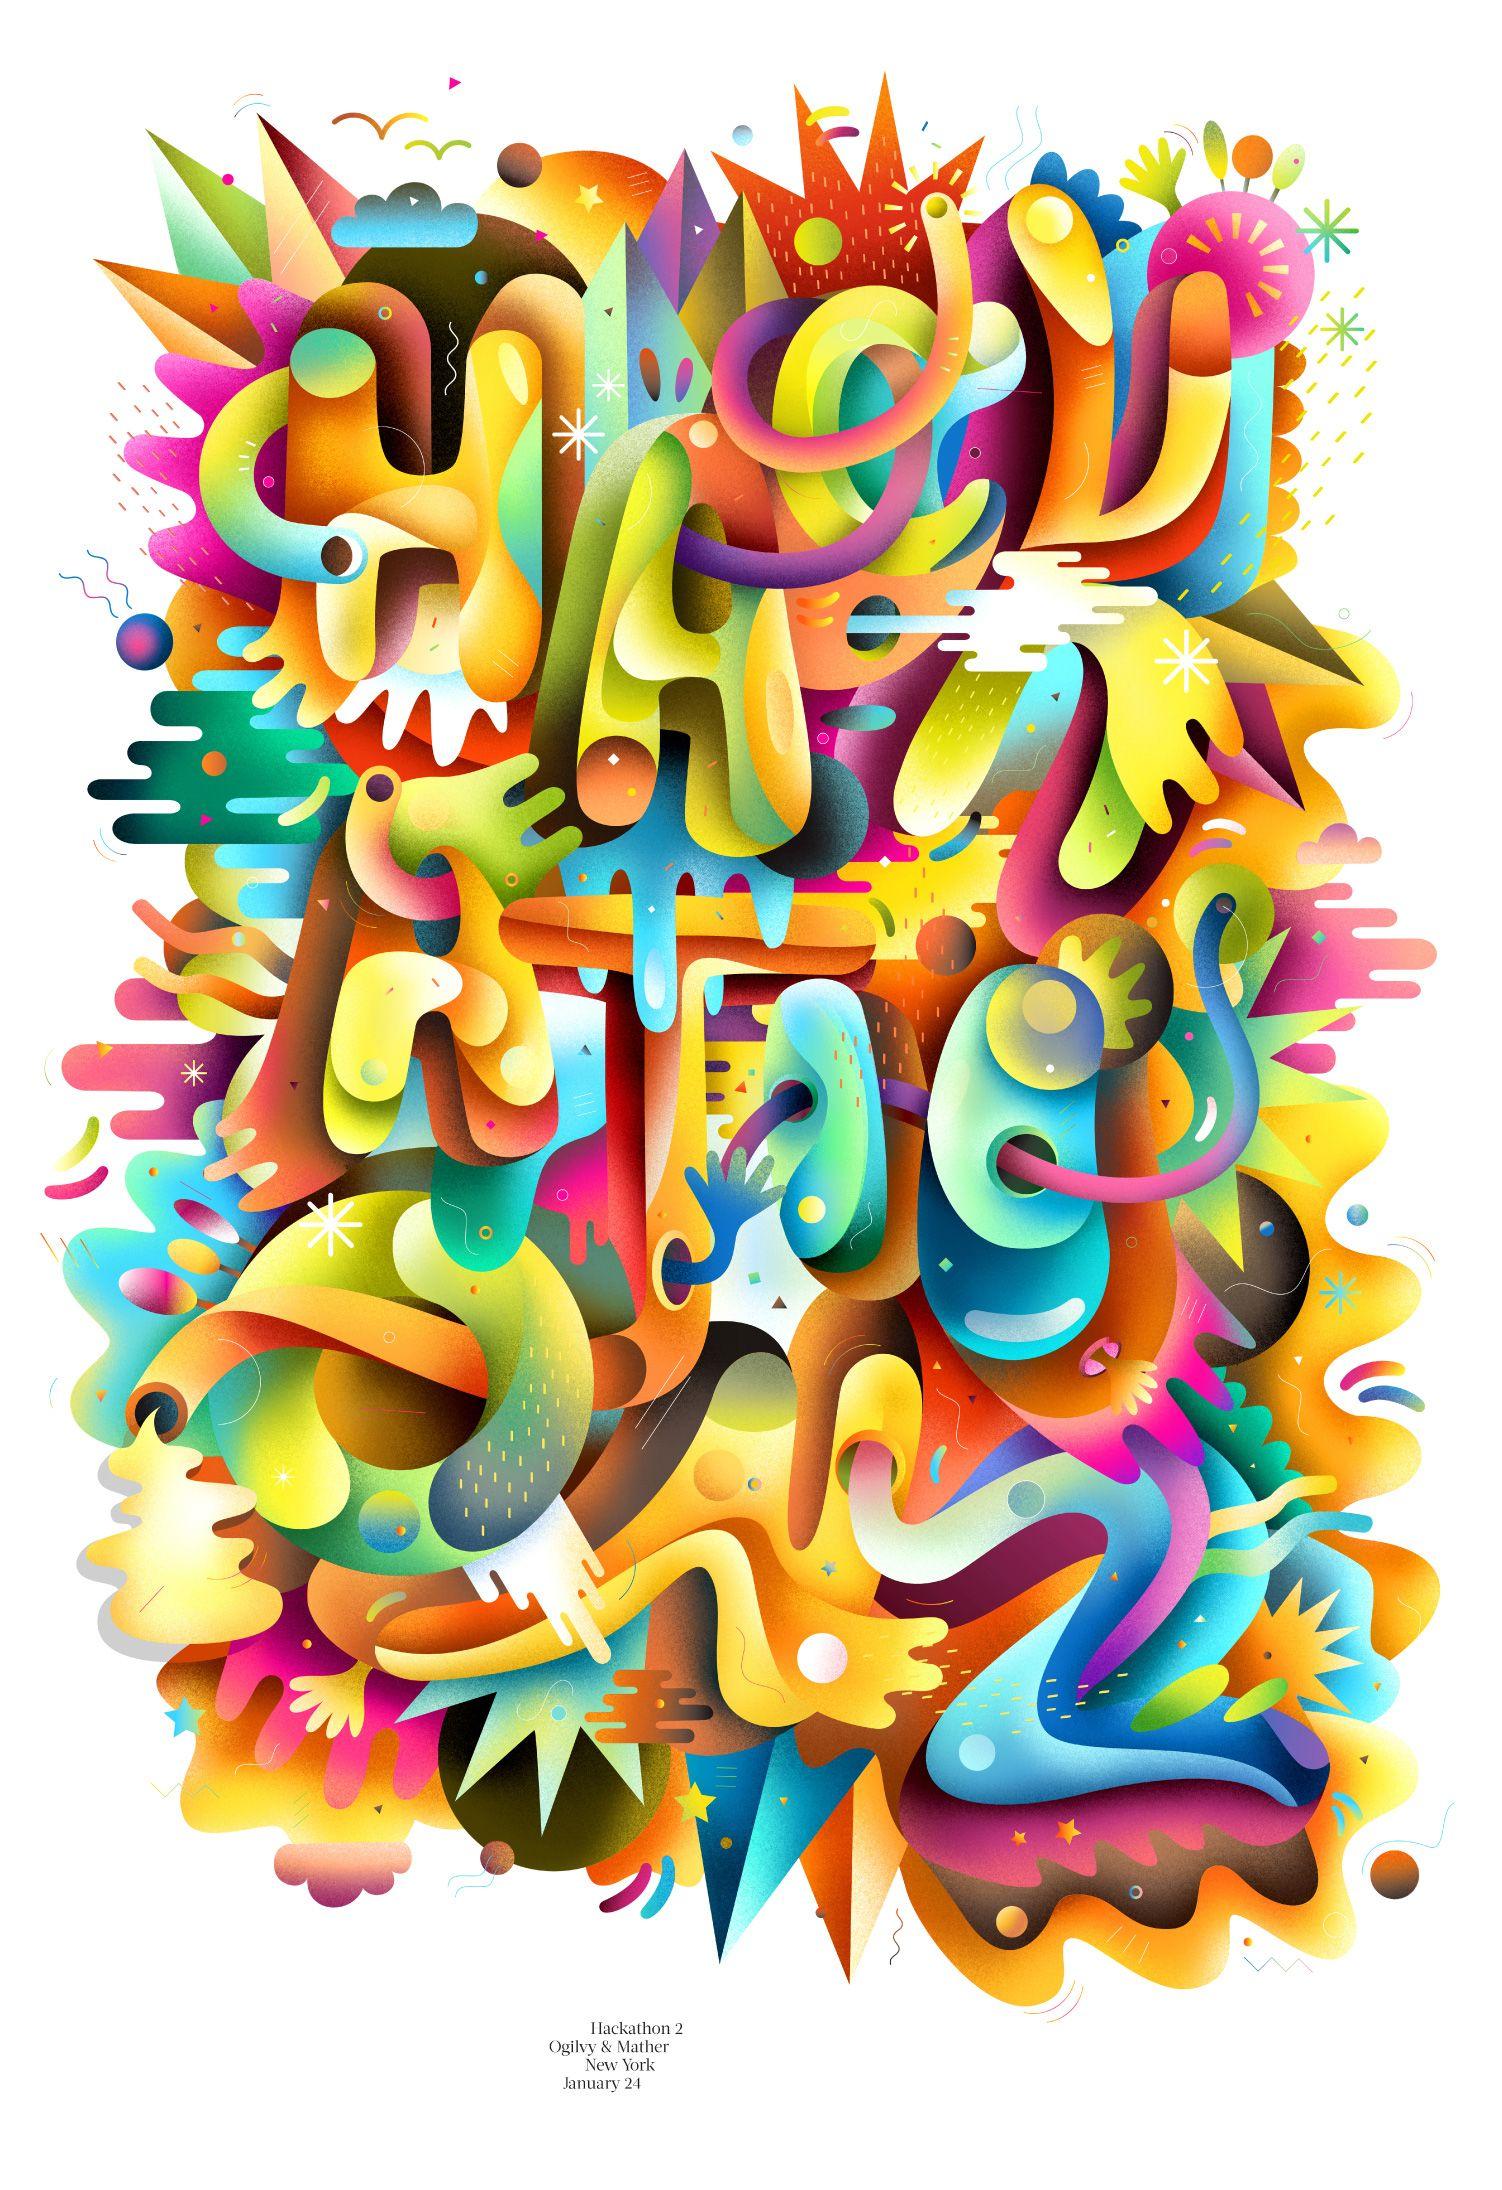 Poster design article - Hackathon Two Poster By Matt Luckhurst